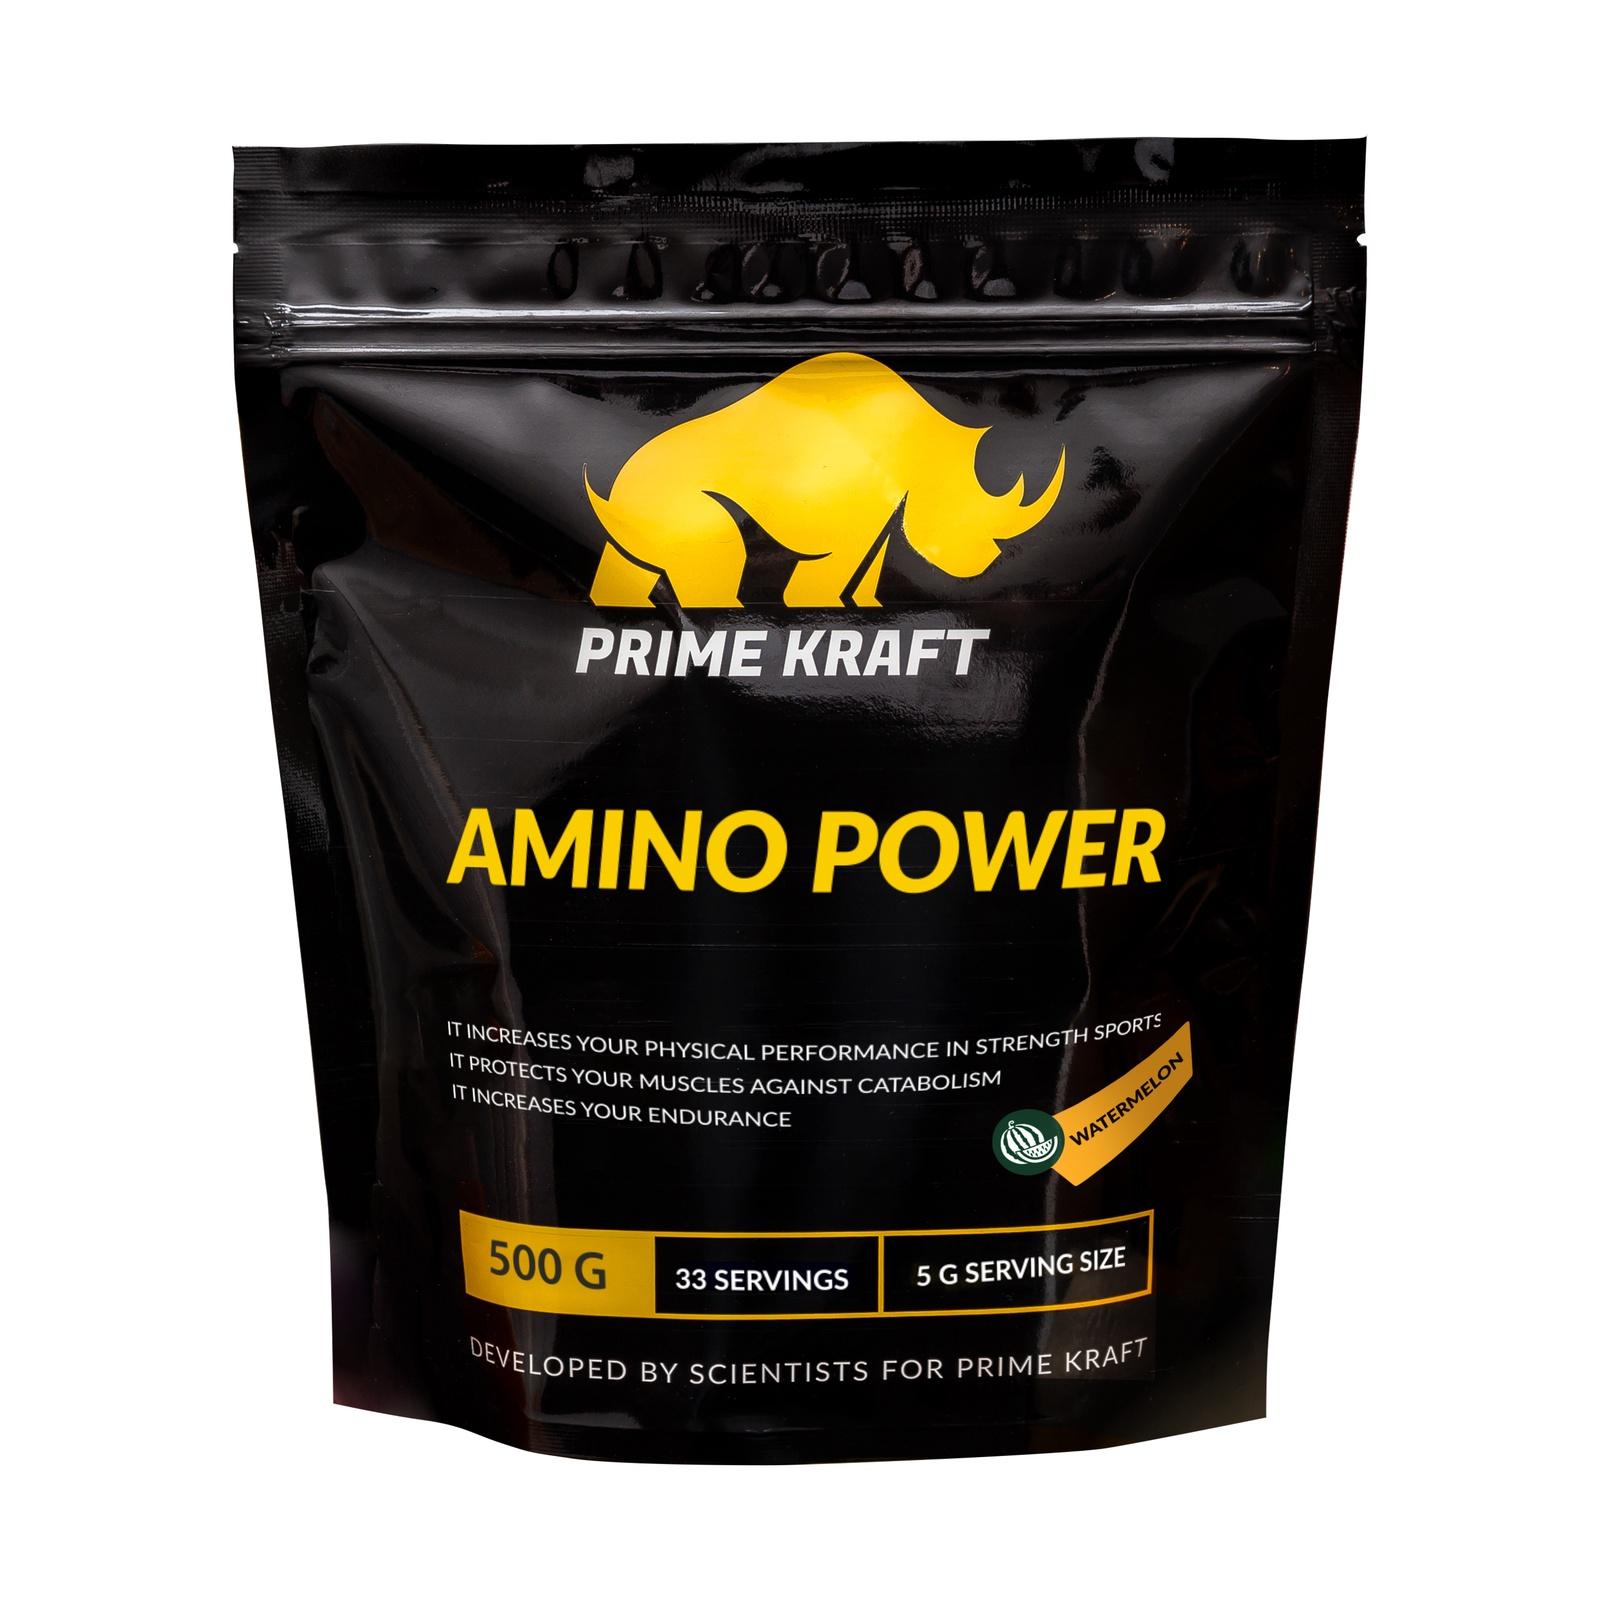 купить Напиток сухой Prime Kraft Amino Power, коктейль фруктово-ягодный, арбуз, 500 г недорого